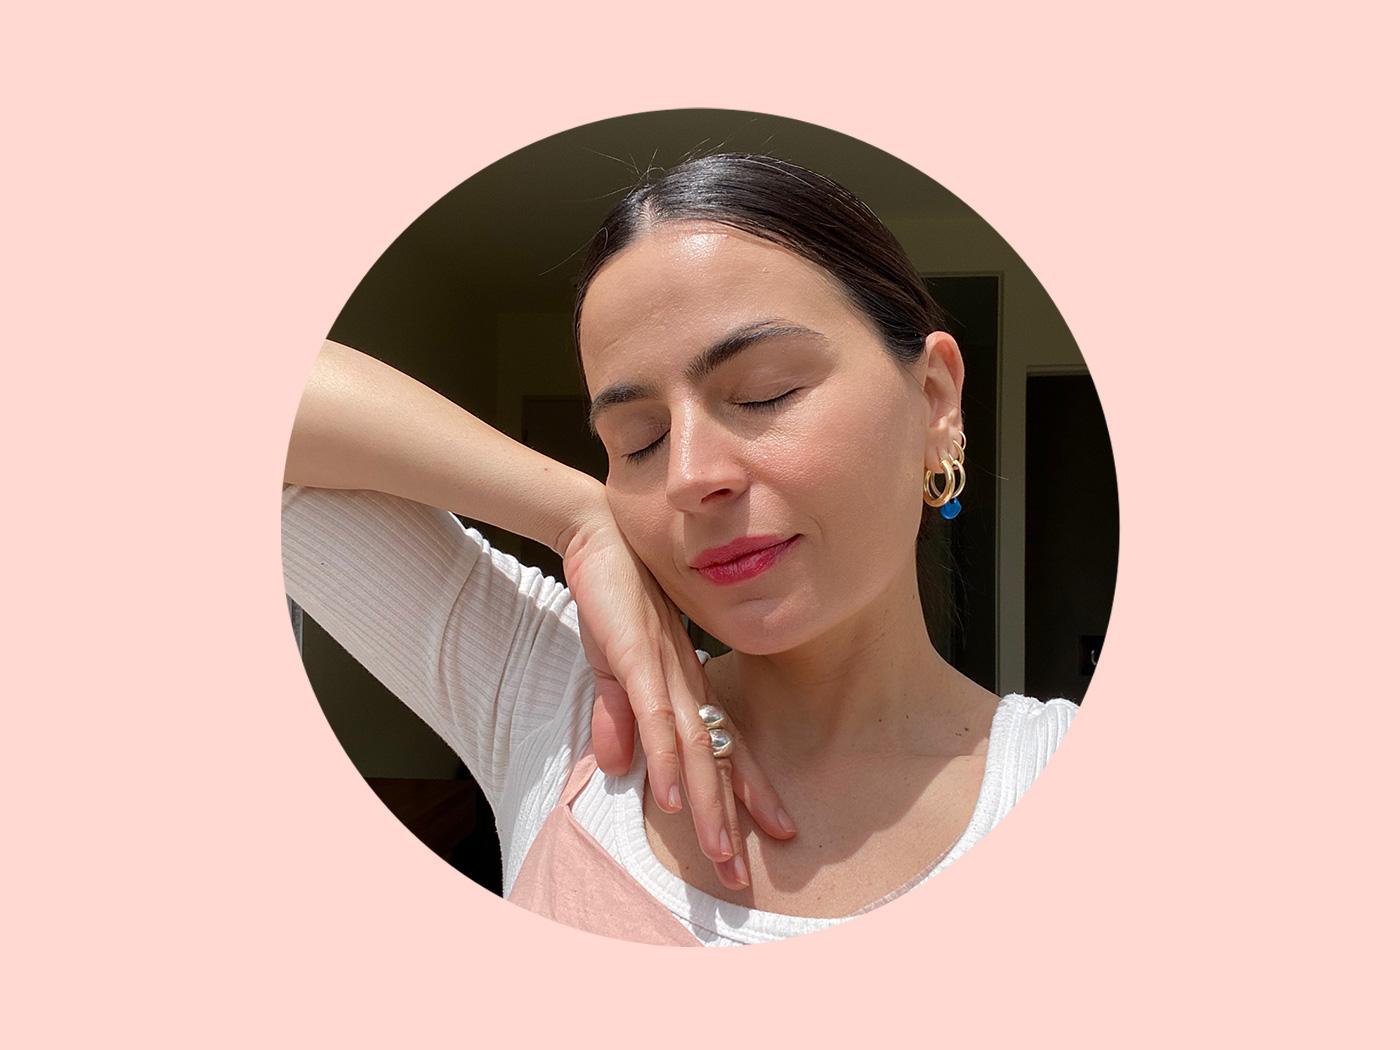 Τα μυστικά της beauty editor για την χαλάρωση του προσώπου σε ένα βίντεο